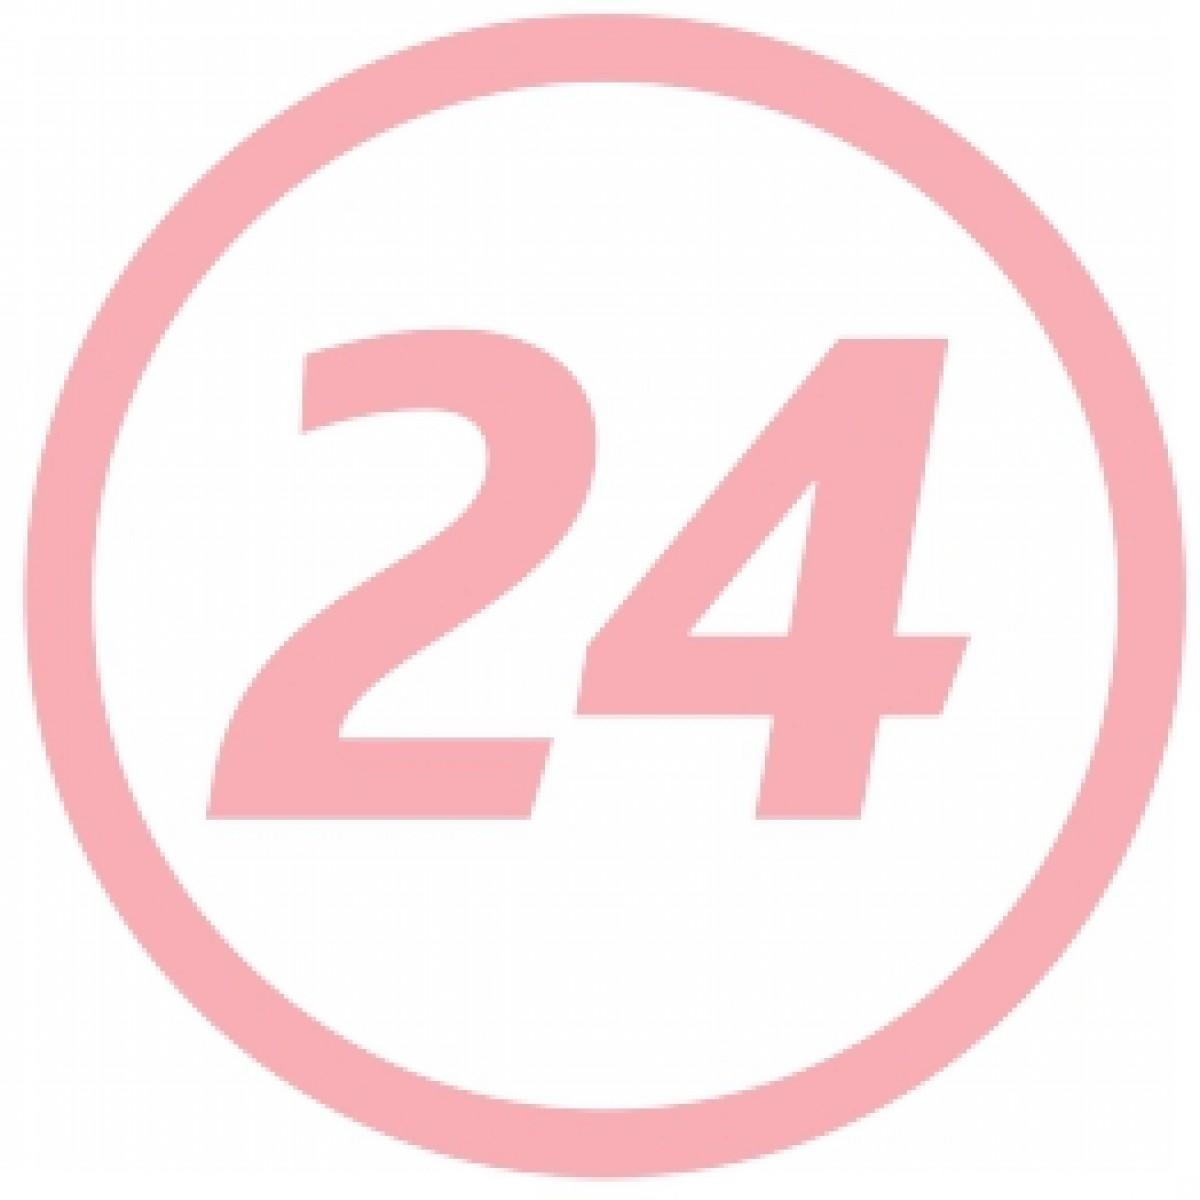 Halat Baie Copii MyKids Alb 2-4 ani